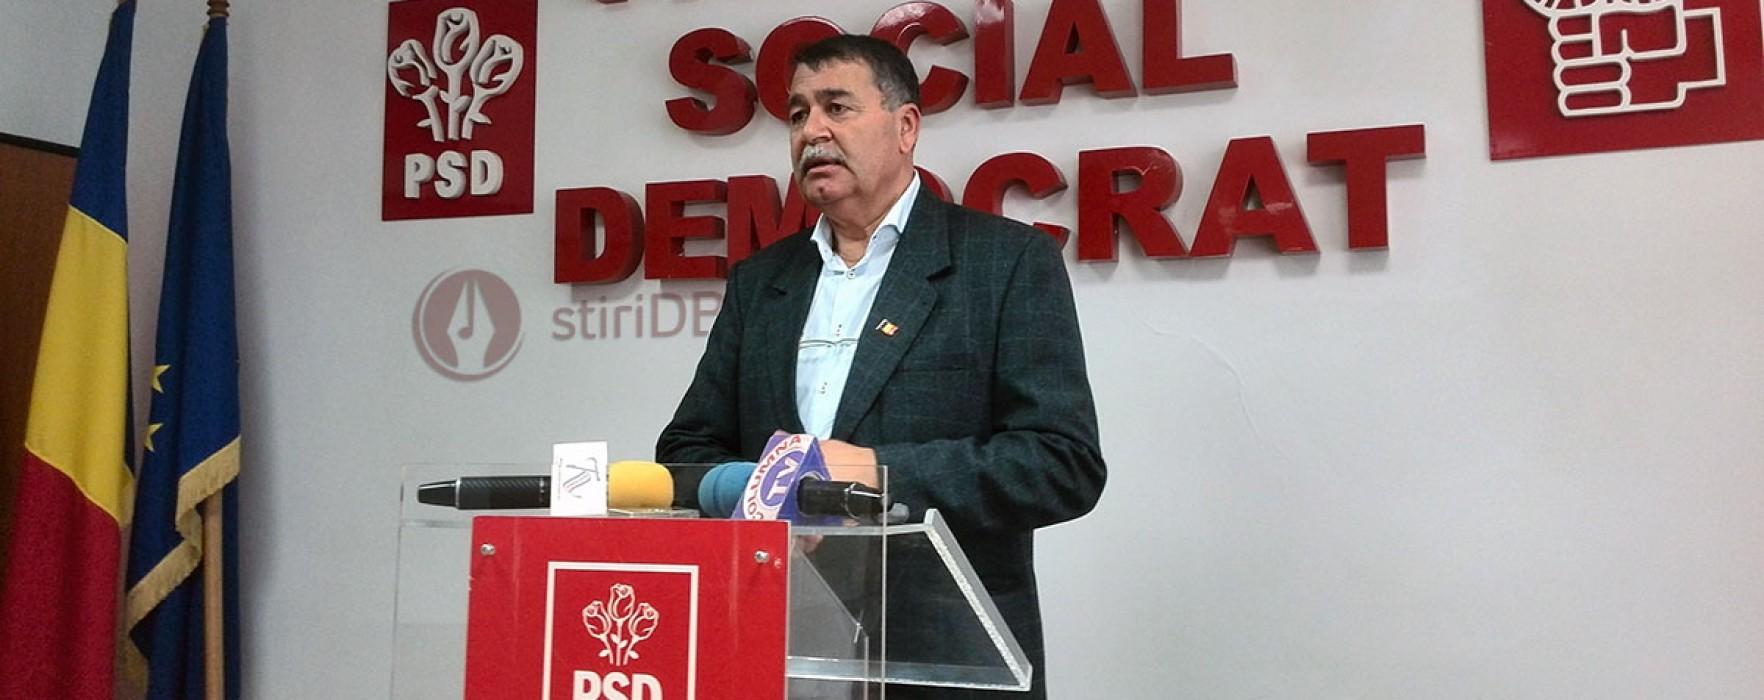 Primar Niculeşti: Dacă îl susţin pe Dragnea preşedinte PSD, iese premier şi mă pune ministru e incompatibilitate?